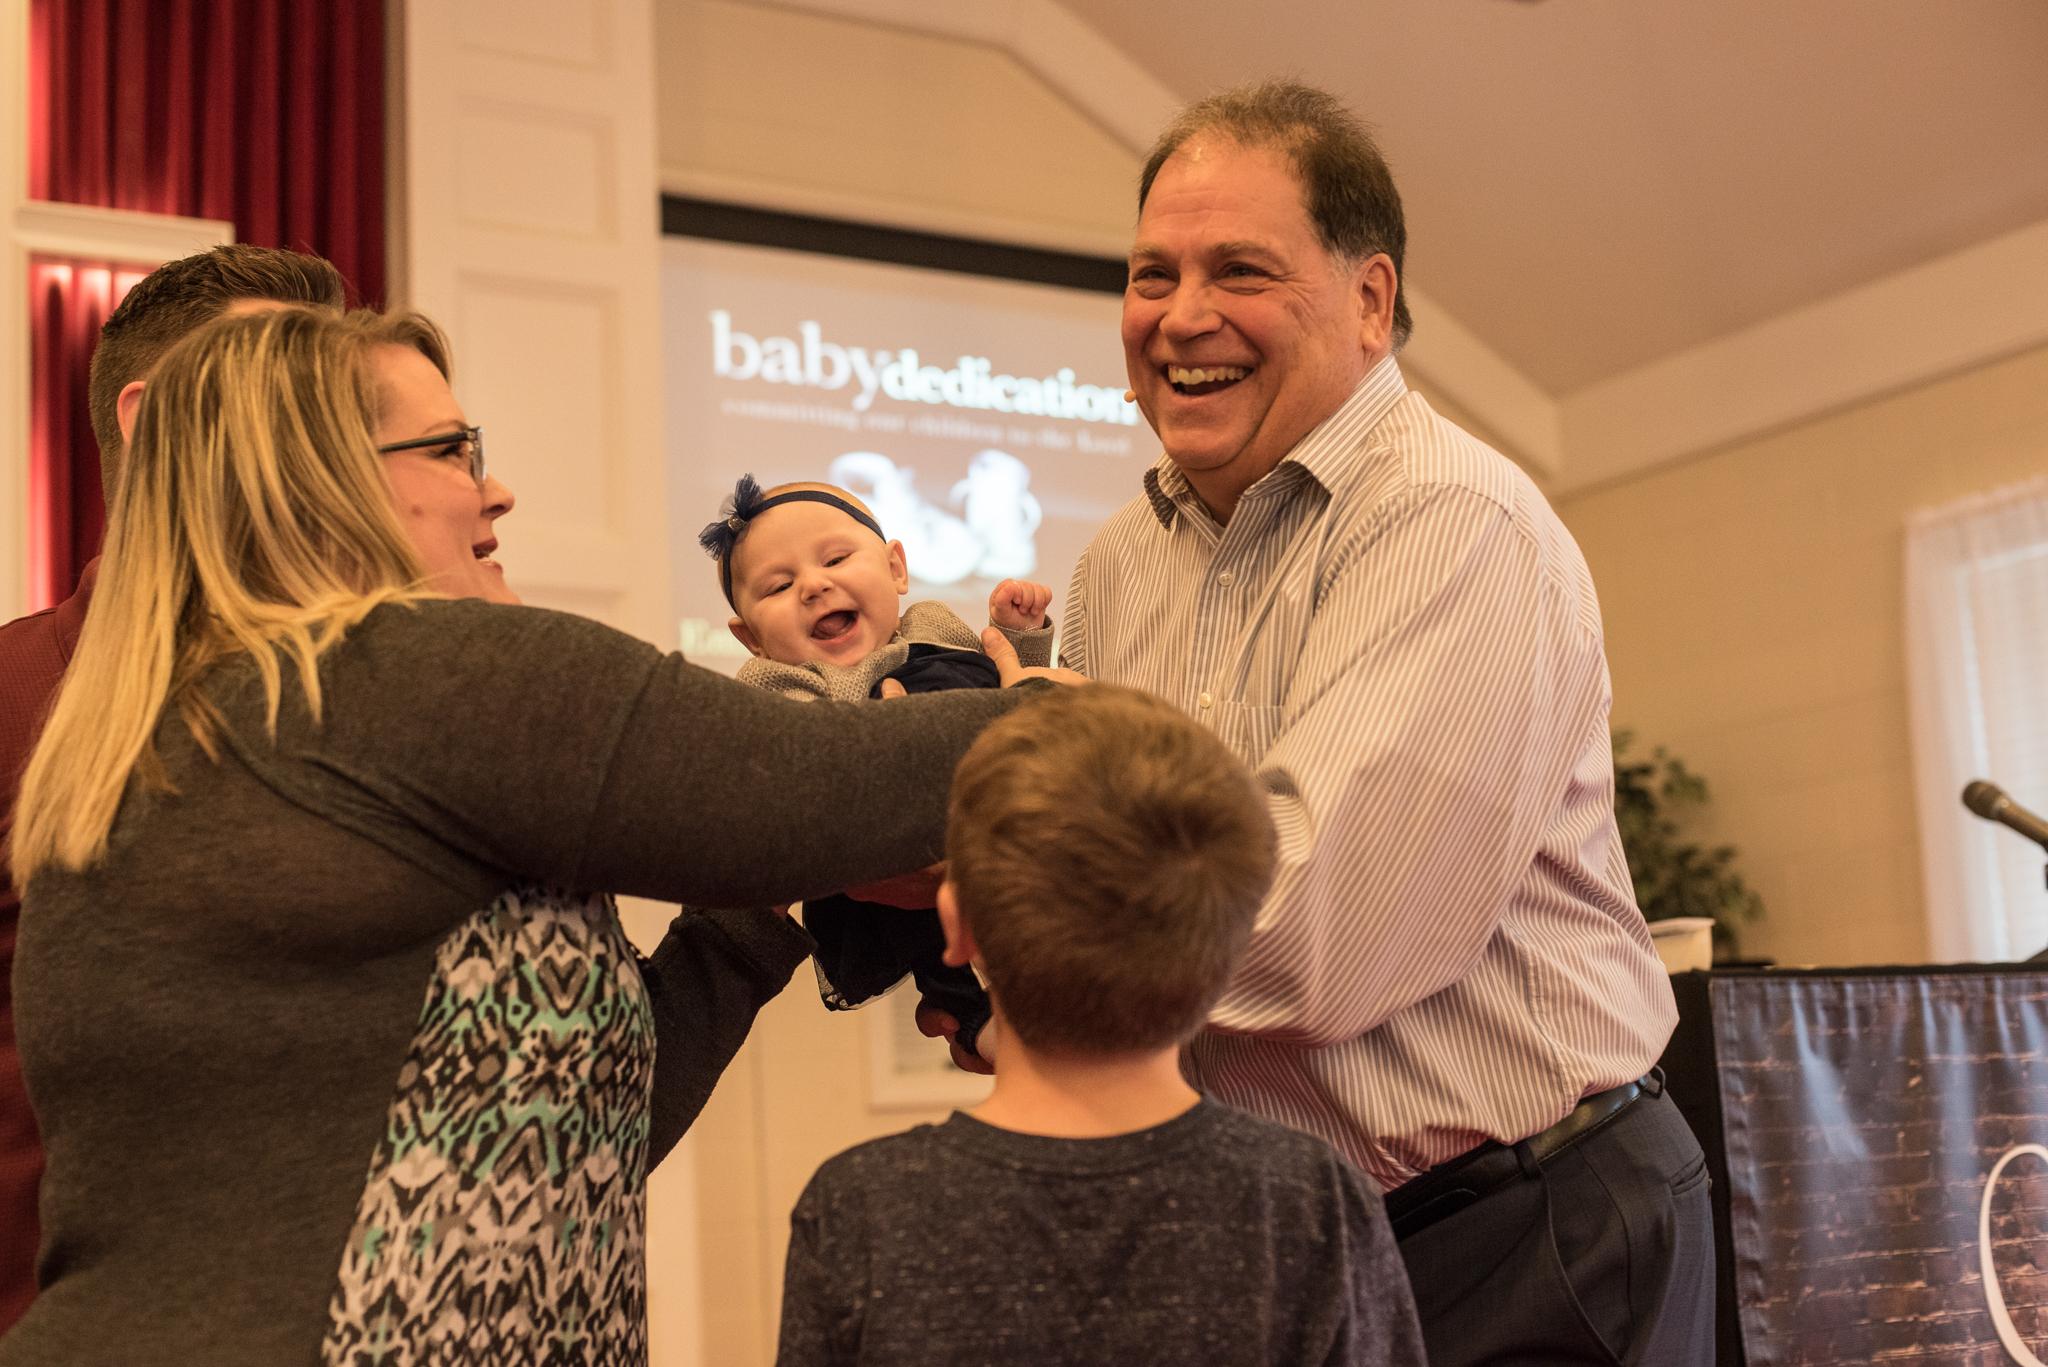 Pastor Doug Beutler